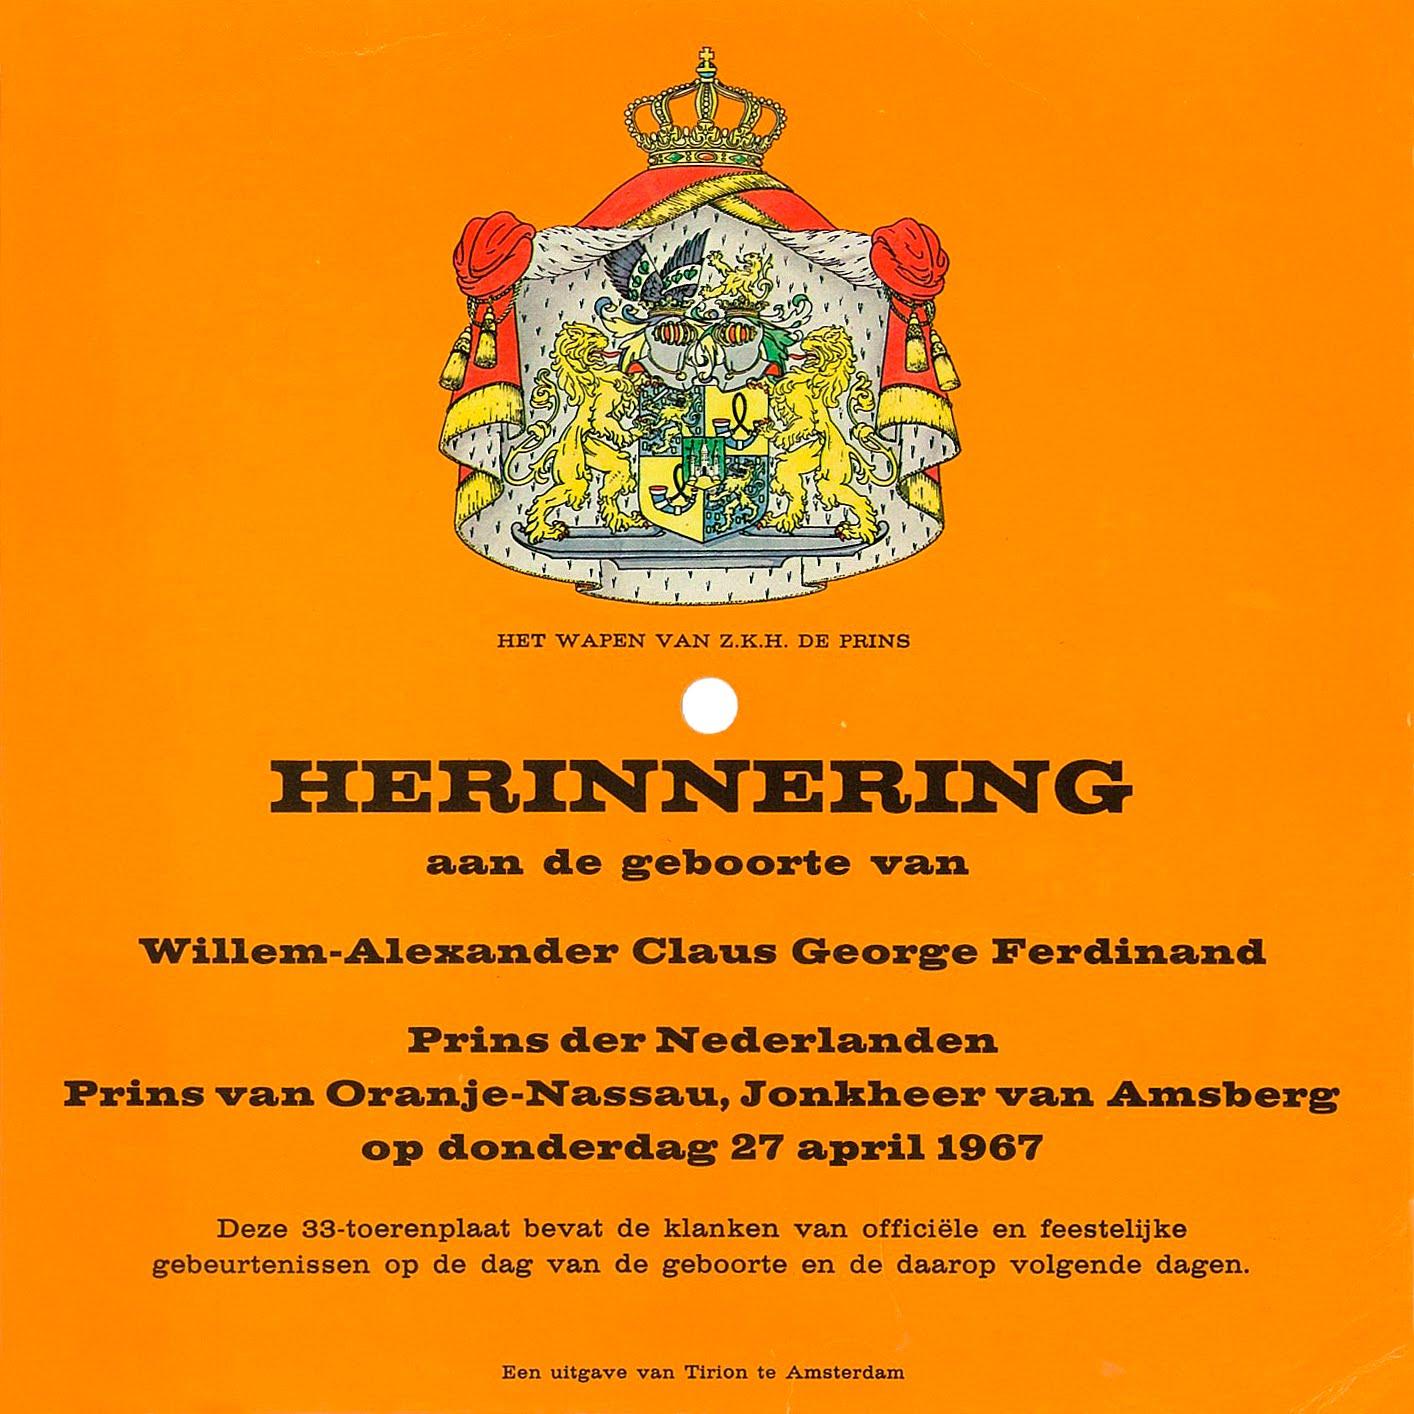 wanneer is prins willem alexander jarig 365grammofoonplaten: Prins Willem Alexander jarig wanneer is prins willem alexander jarig